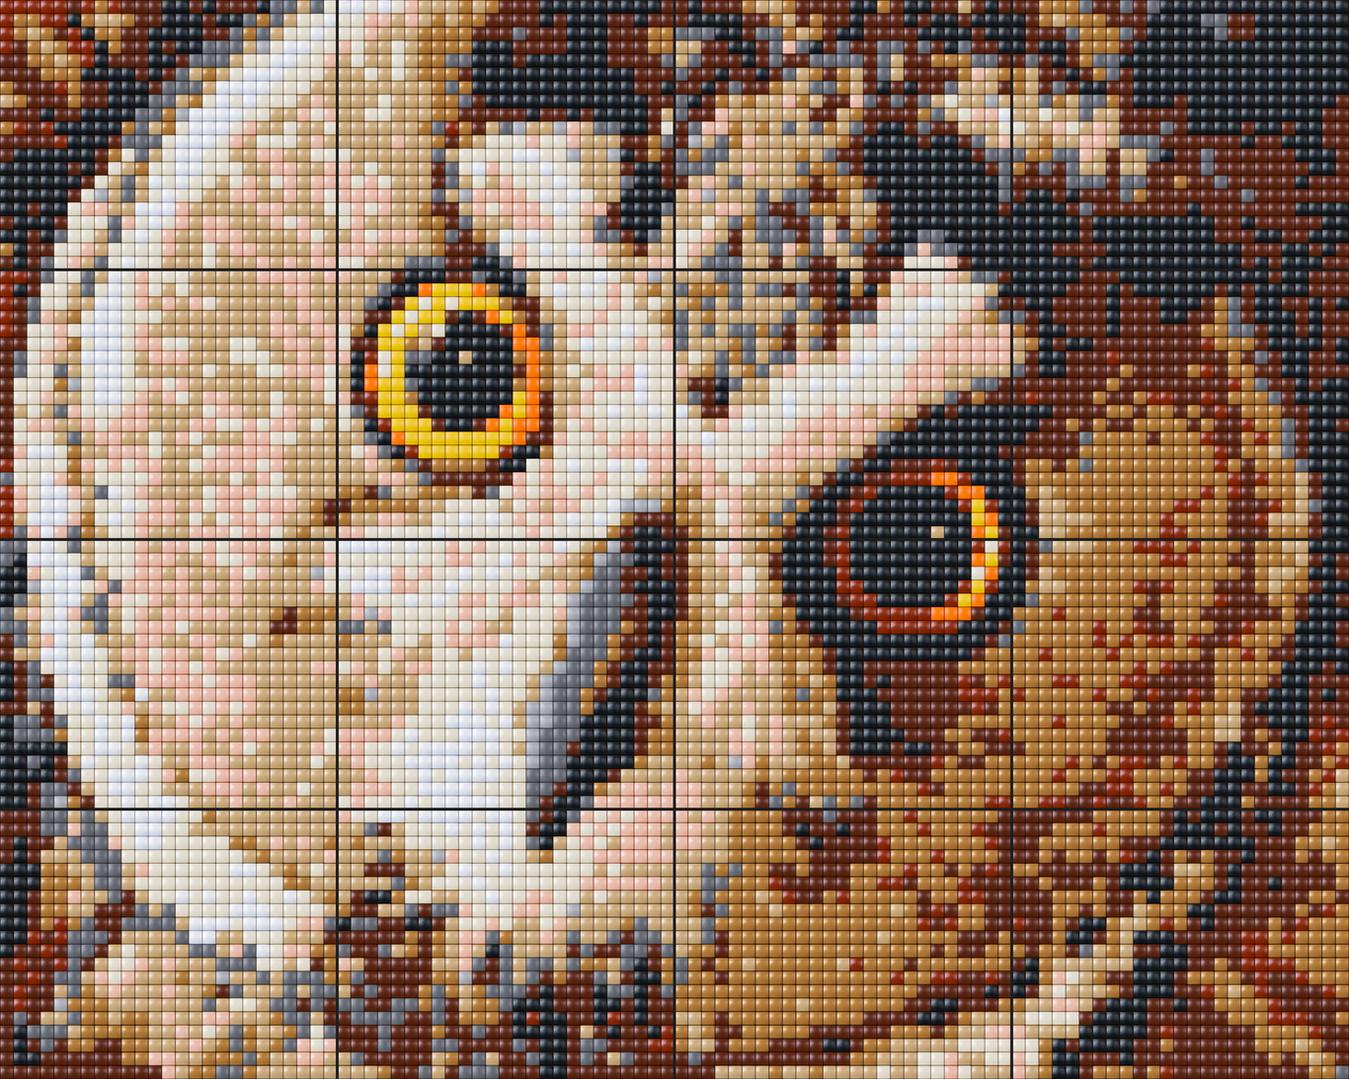 Owl_4x4L_80x100_XL.png